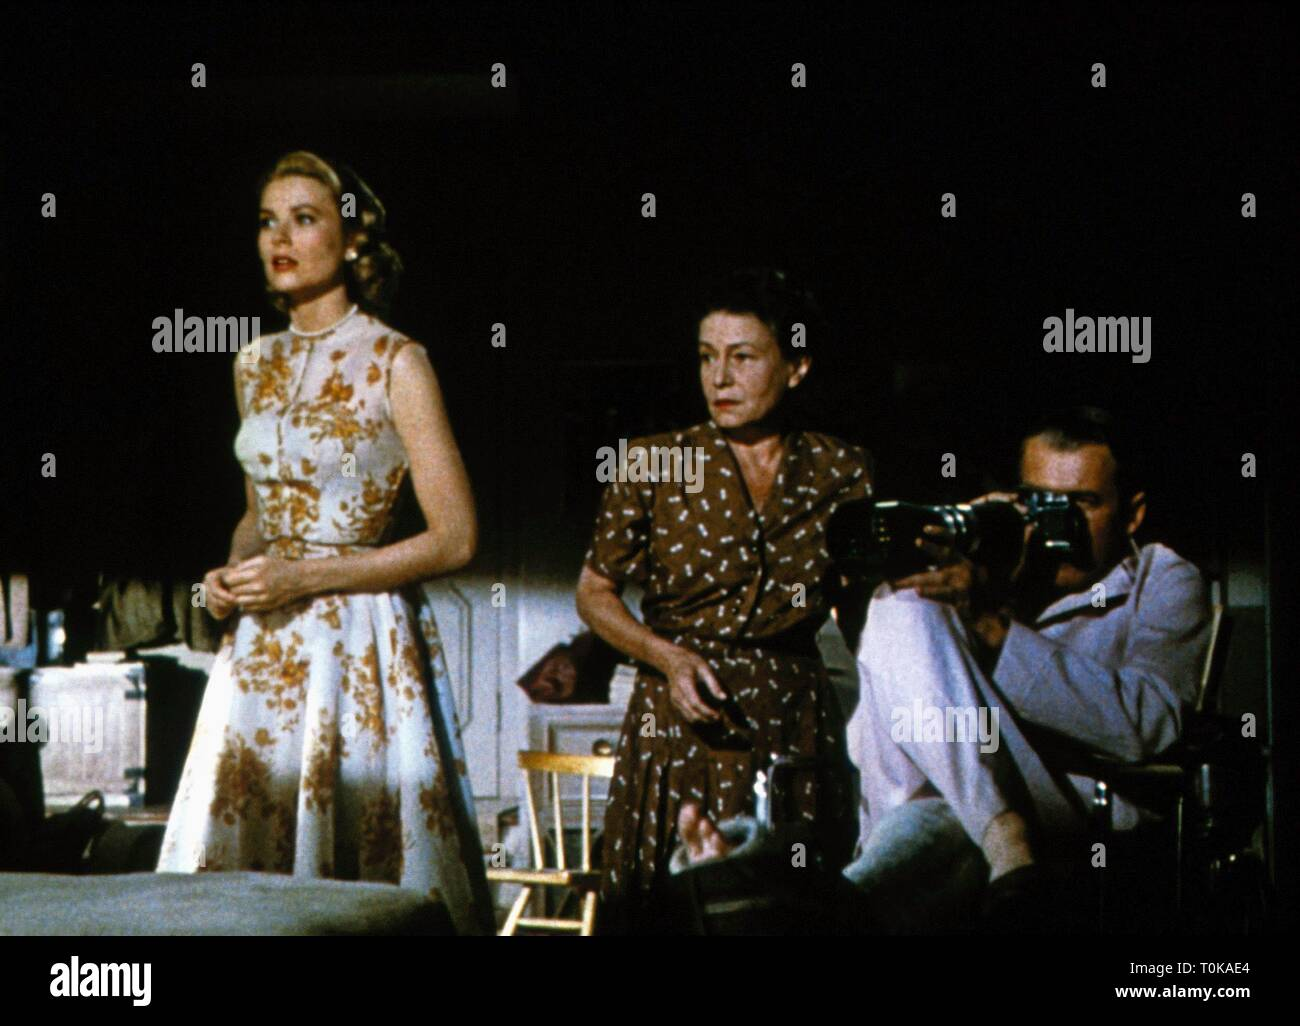 GRACE KELLY, THELMA RITTER, JAMES STEWART, REAR WINDOW, 1954 - Stock Image